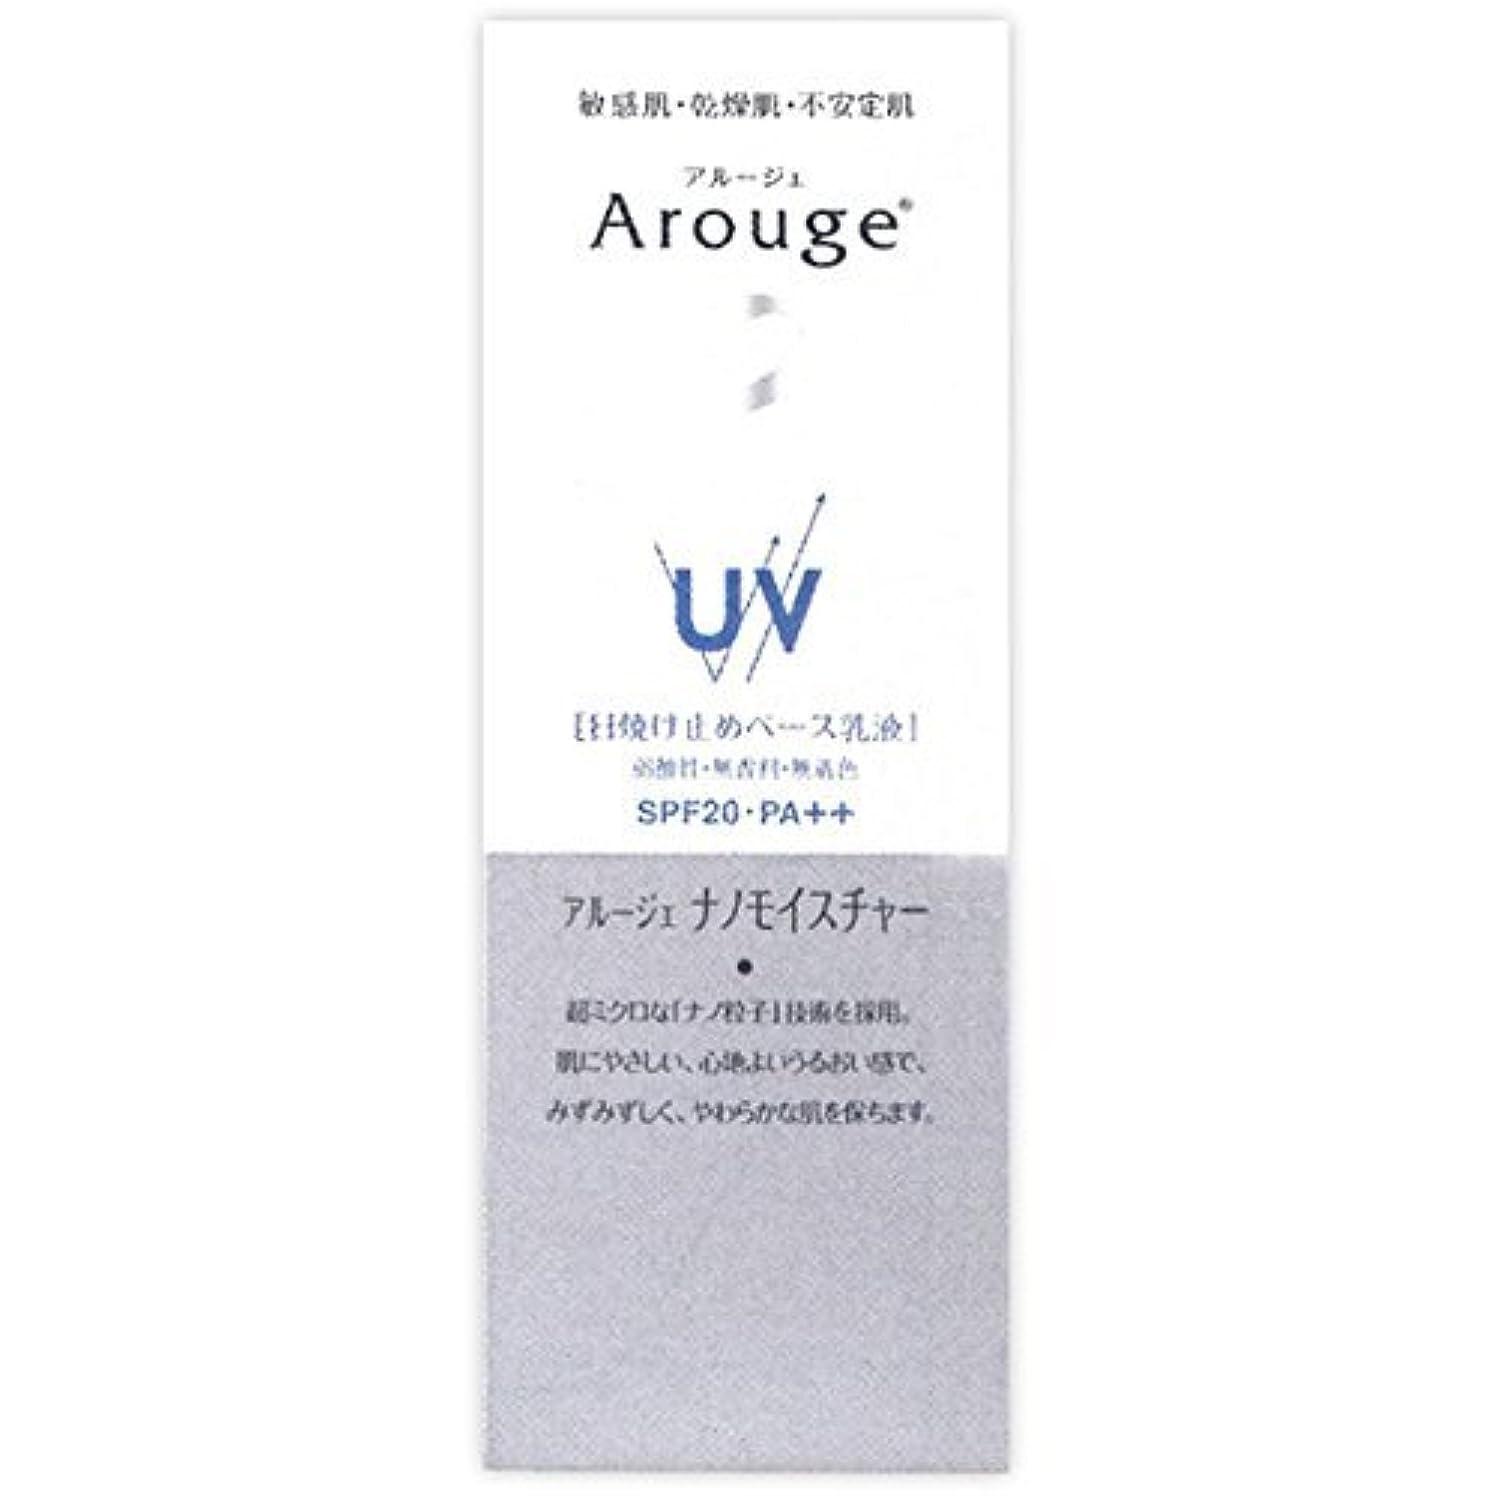 見捨てられた霧急性アルージェ UV モイストビューティーアップ日焼け止めベース乳液25g (SPF20?PA++)